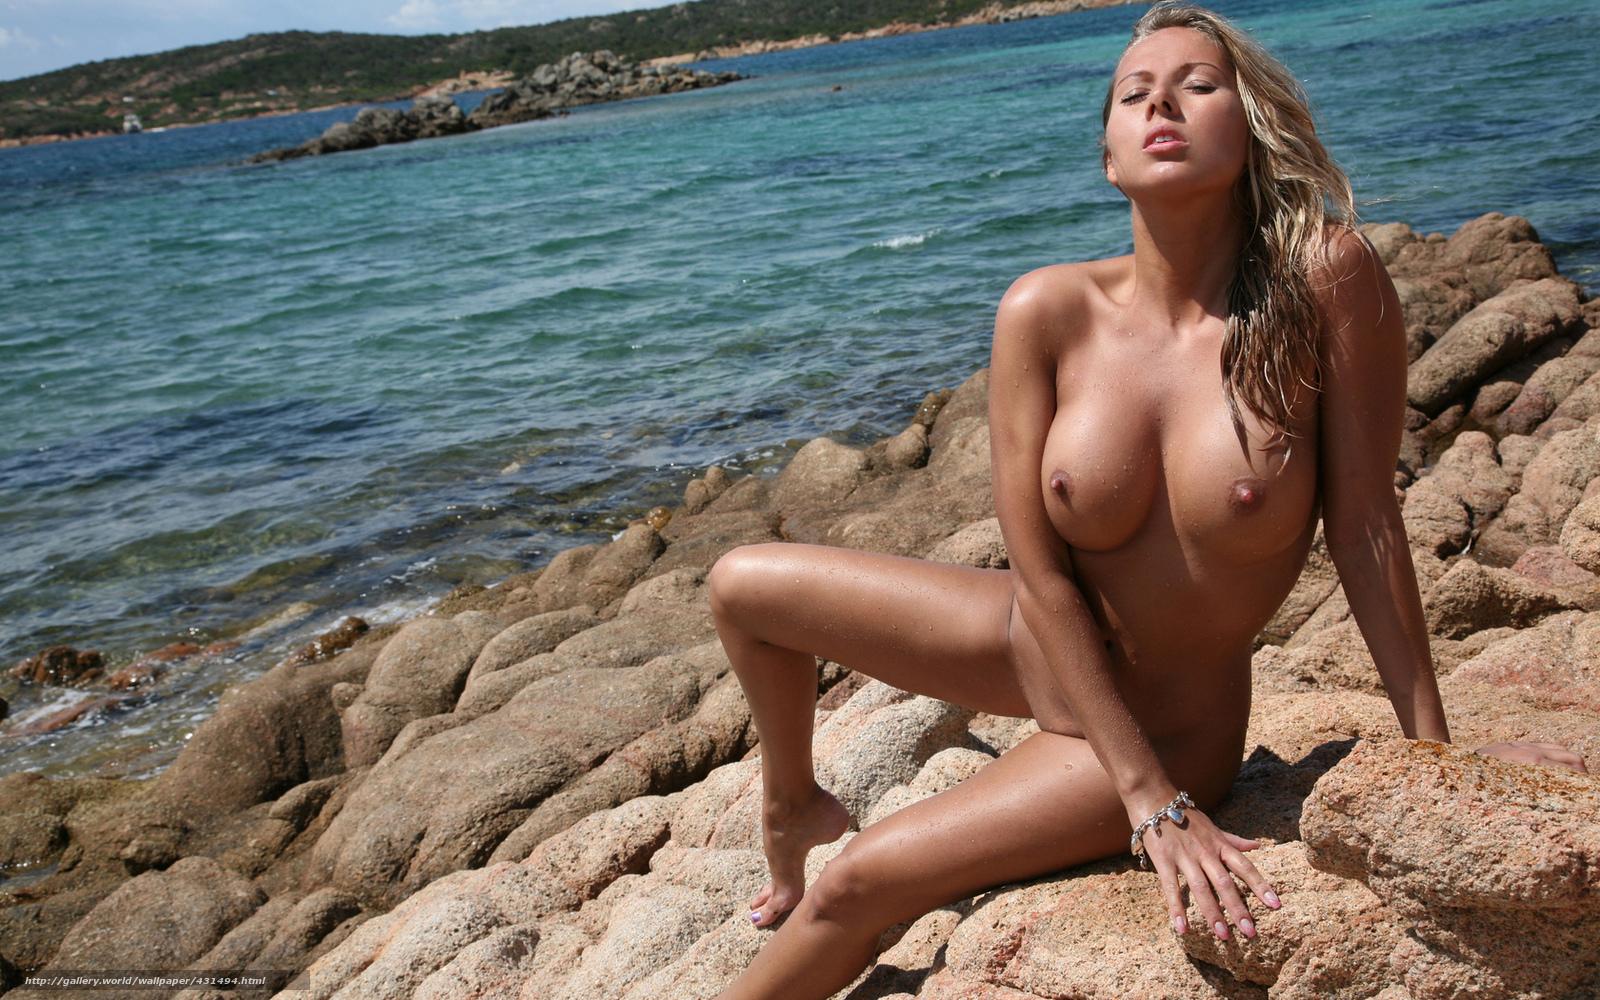 Видео Девушки С Голой Грудью На Пляже